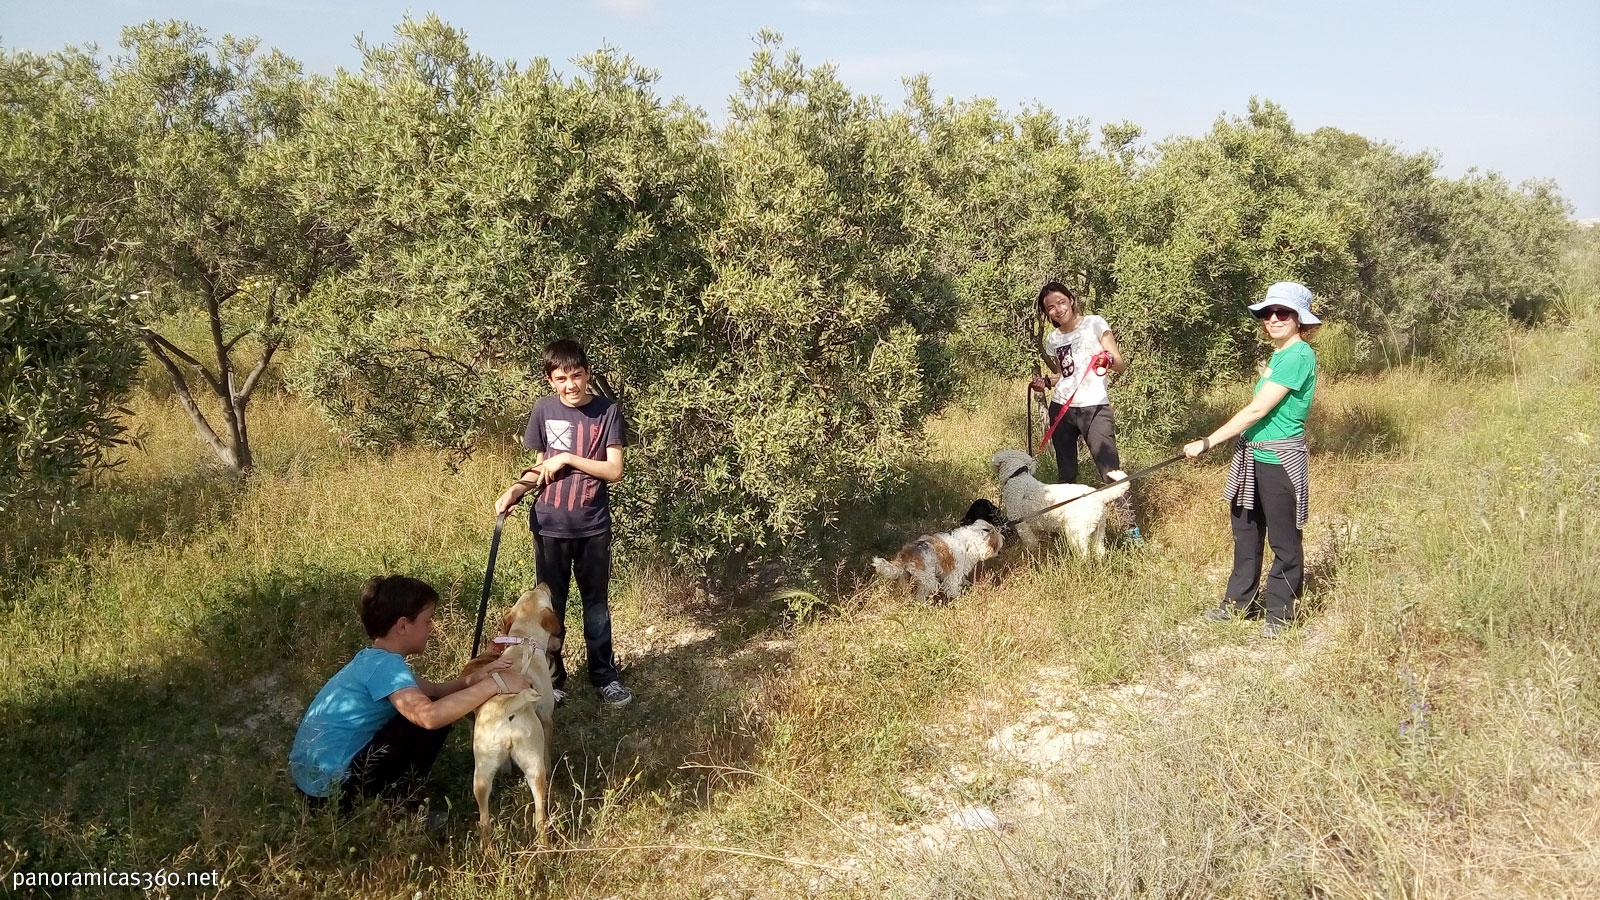 Después de nuestra excursión paseando perros de la asociación Asoka